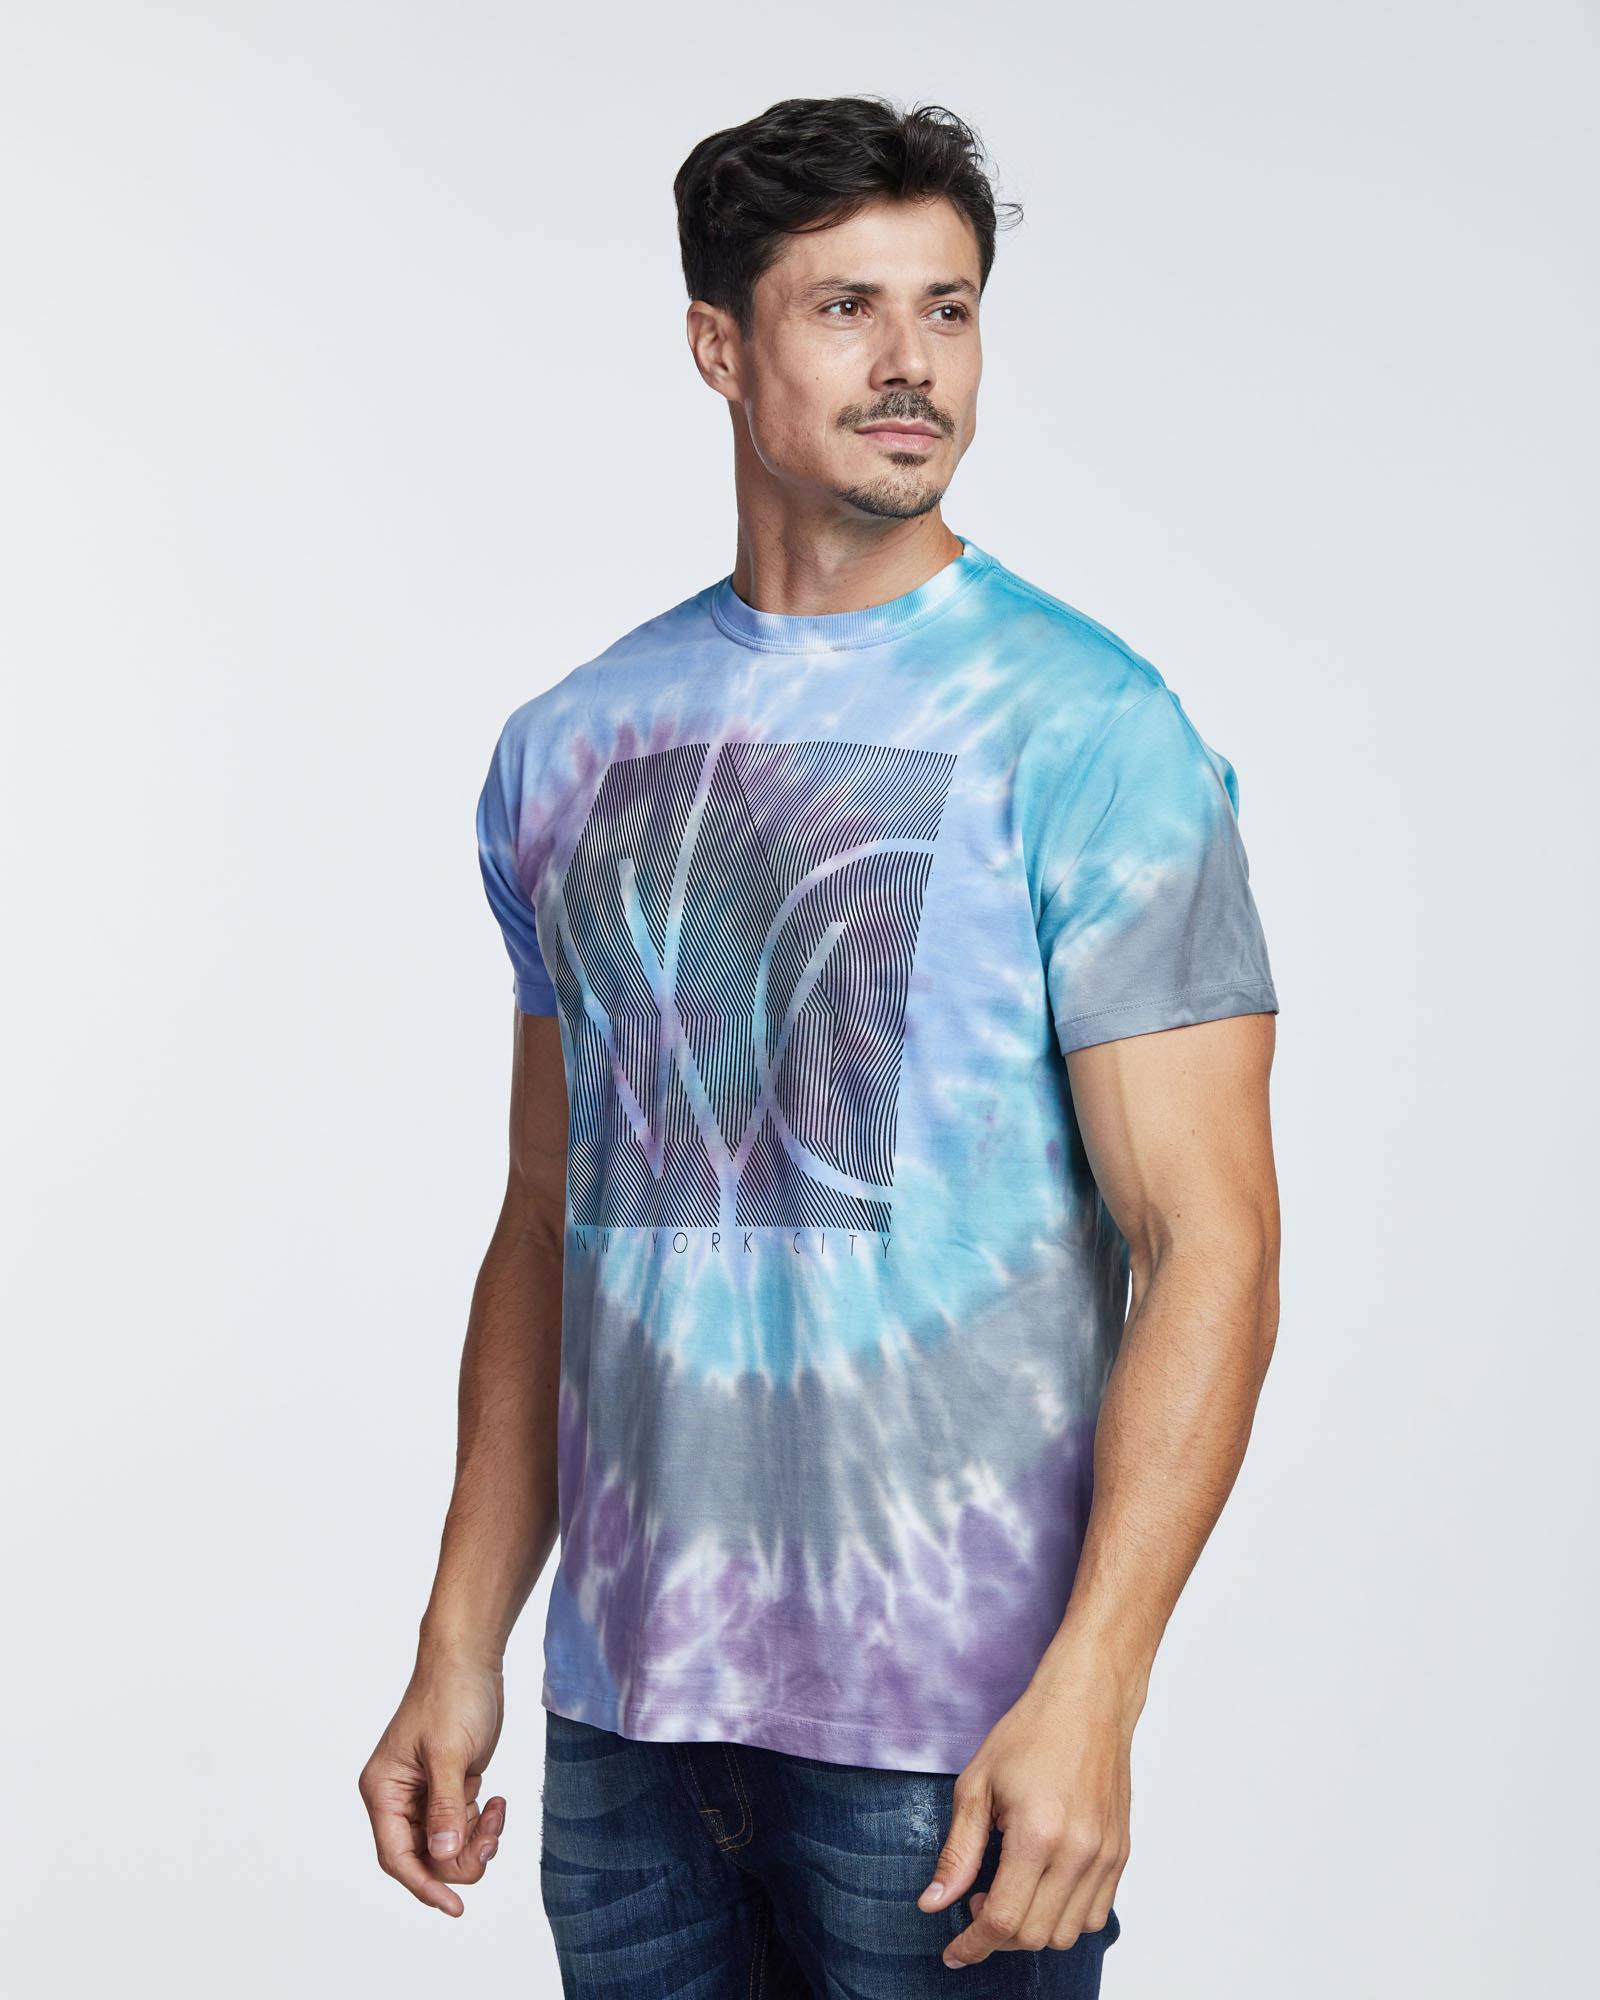 Camiseta Tyedye NYC Masculina Evolvee